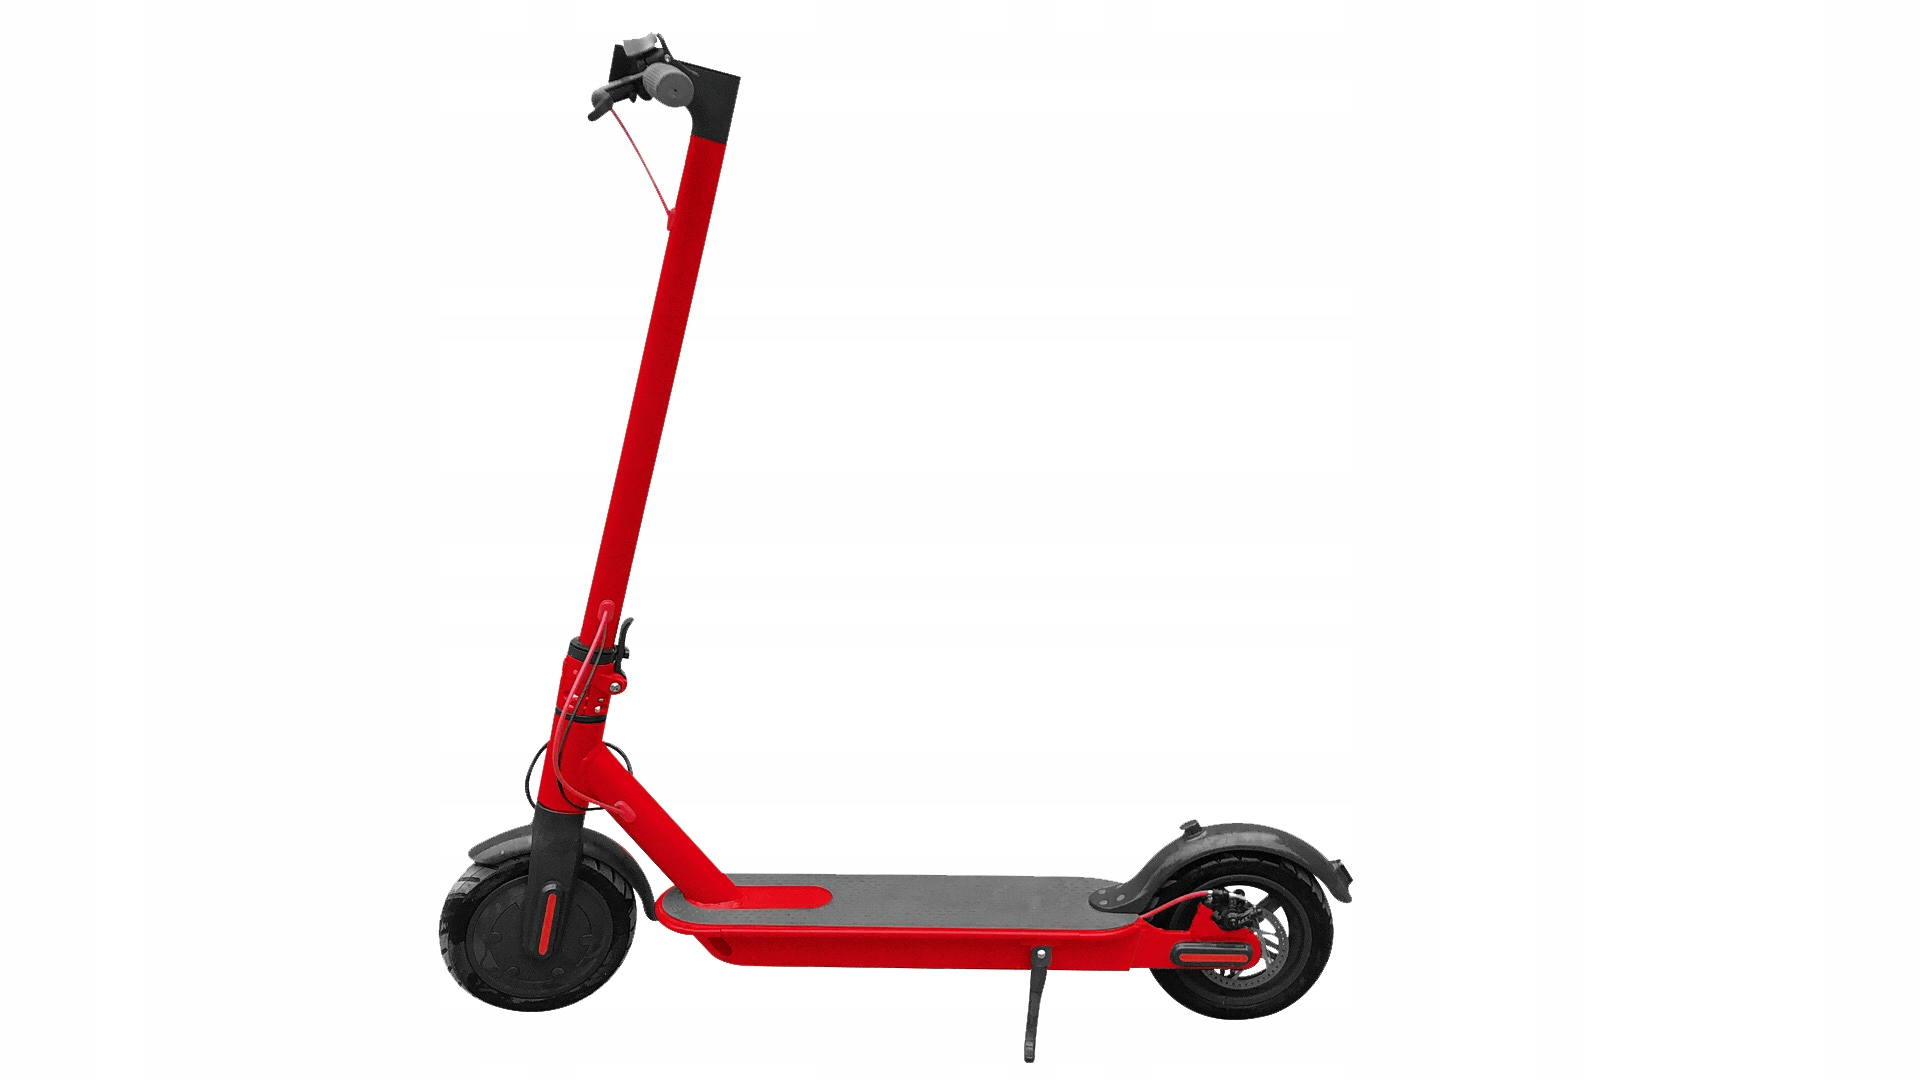 Электрический скутер M11 8,5 дюйма красный цвет